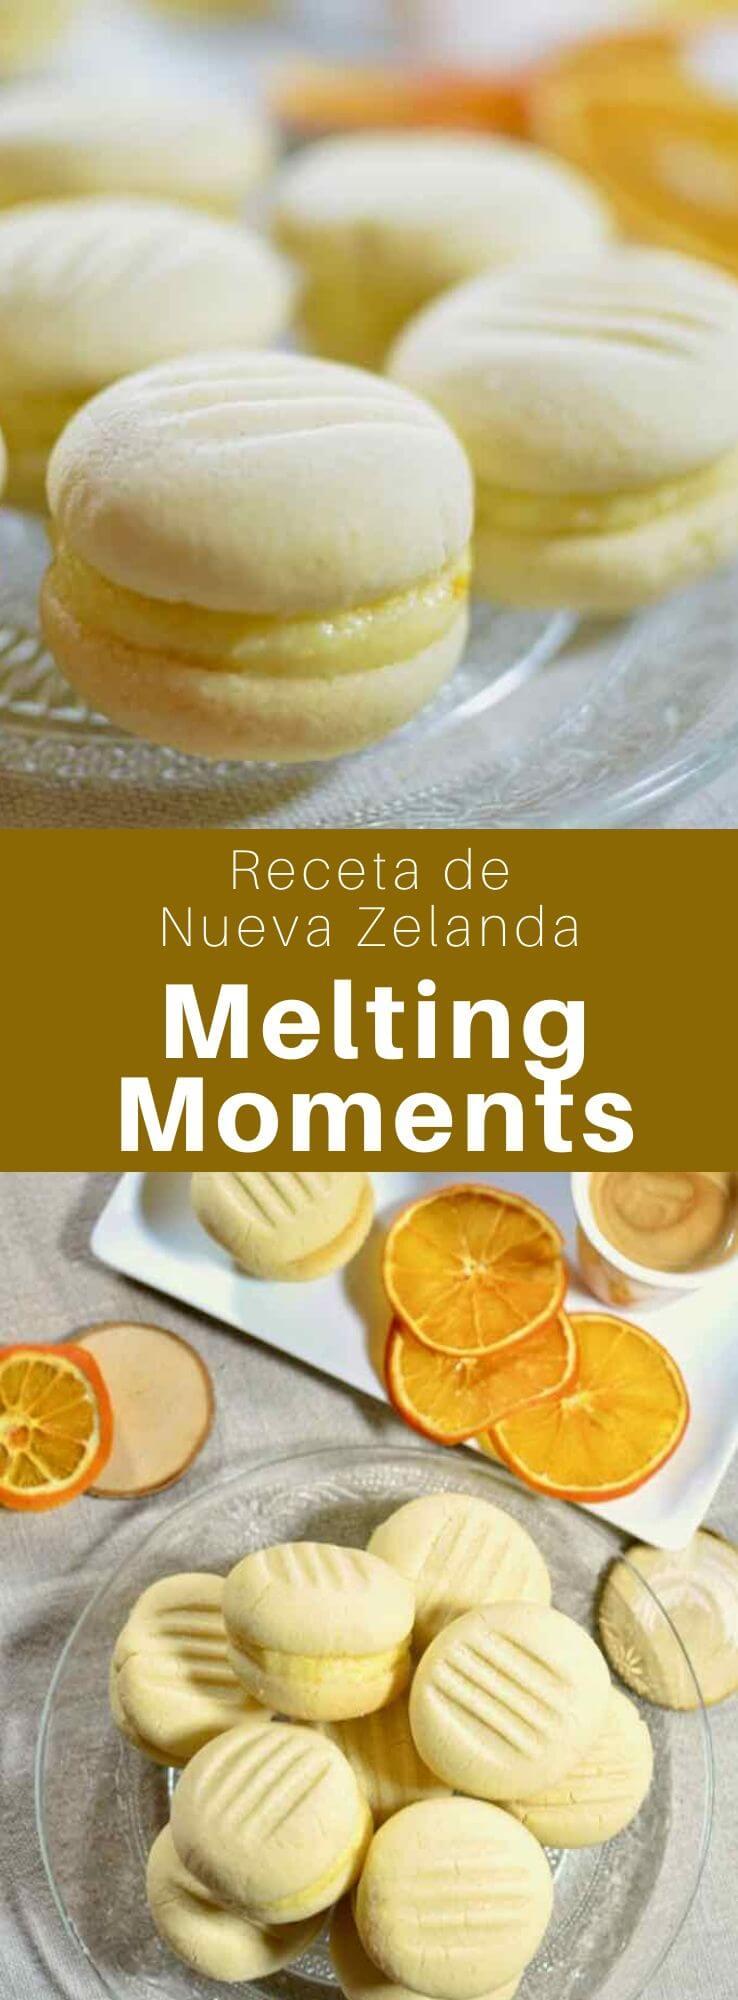 Los melting moments son unas pequeñas galletas de mantequilla con relleno de crema, frecuentemente aromatizadas con limón o naranja, que son populares en Nueva Zelanda.